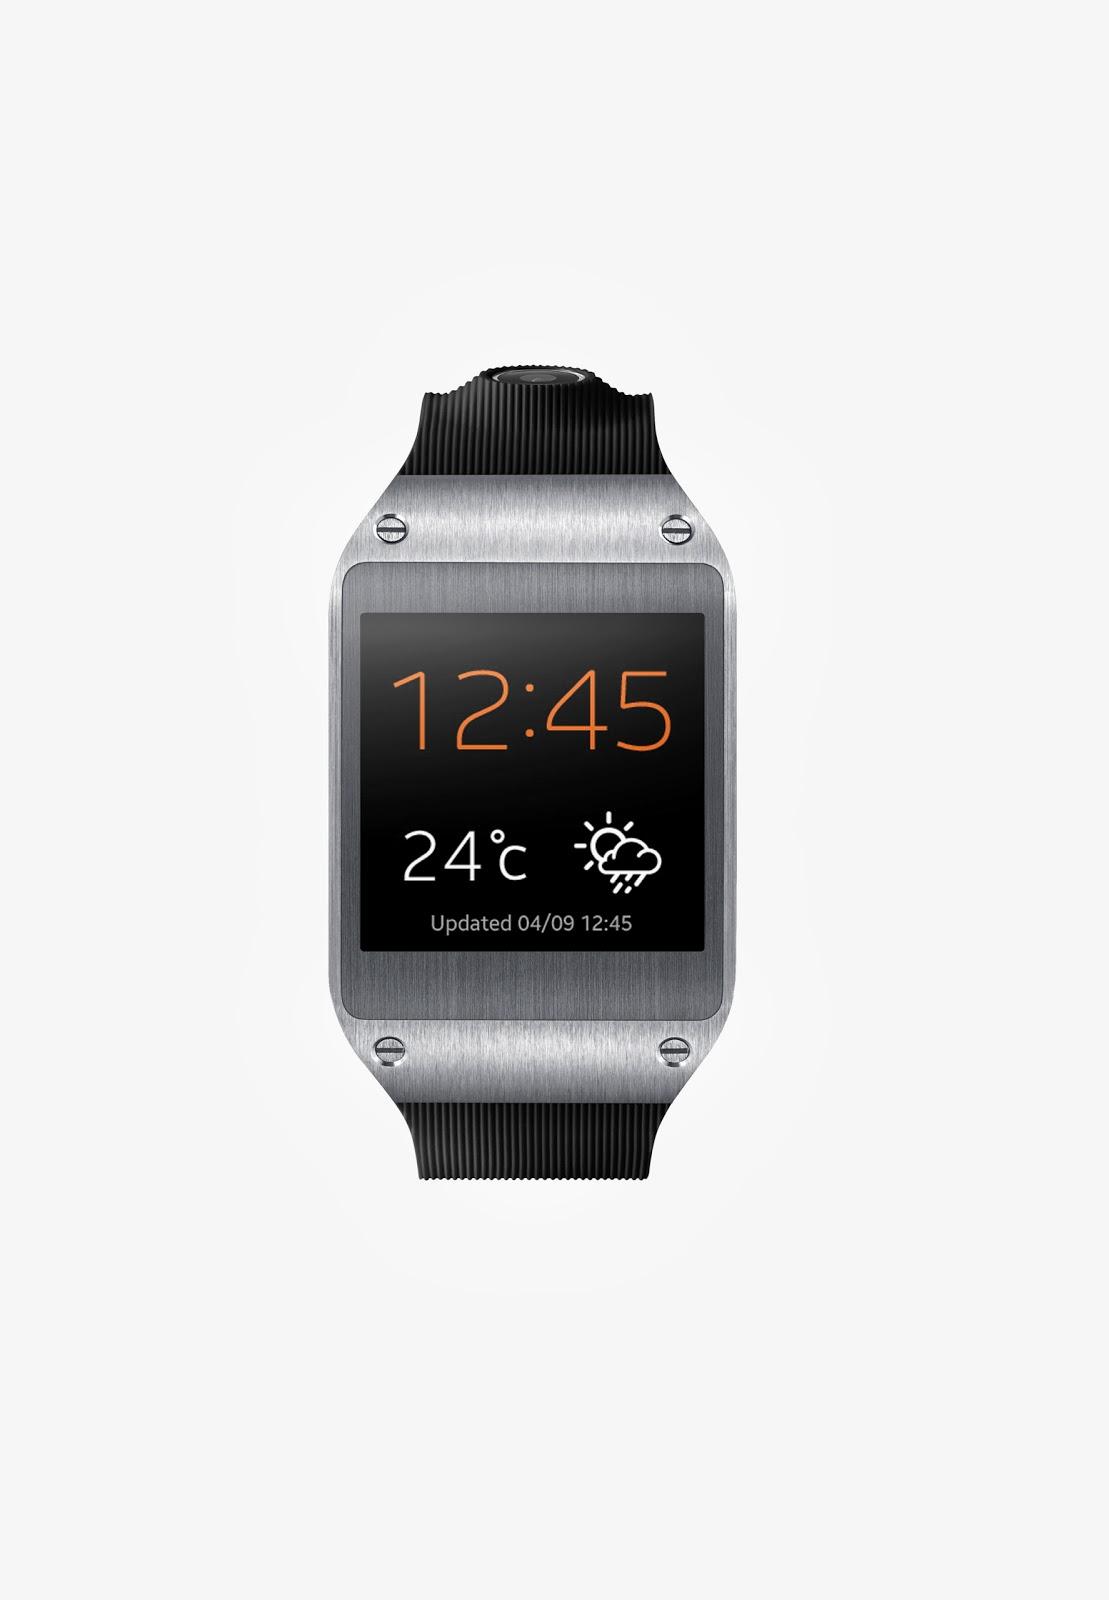 Ufficializzato il galaxy gear il primo smartwatch android for Orologio della samsung